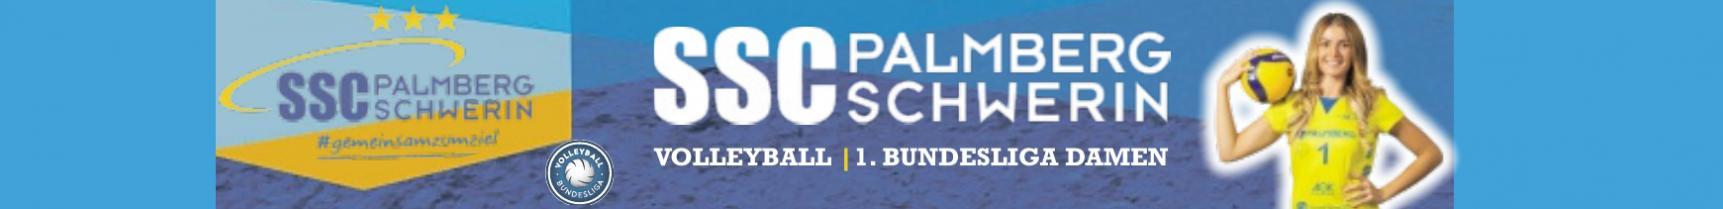 SC Palmberg Schwerin: Die Mannschaft